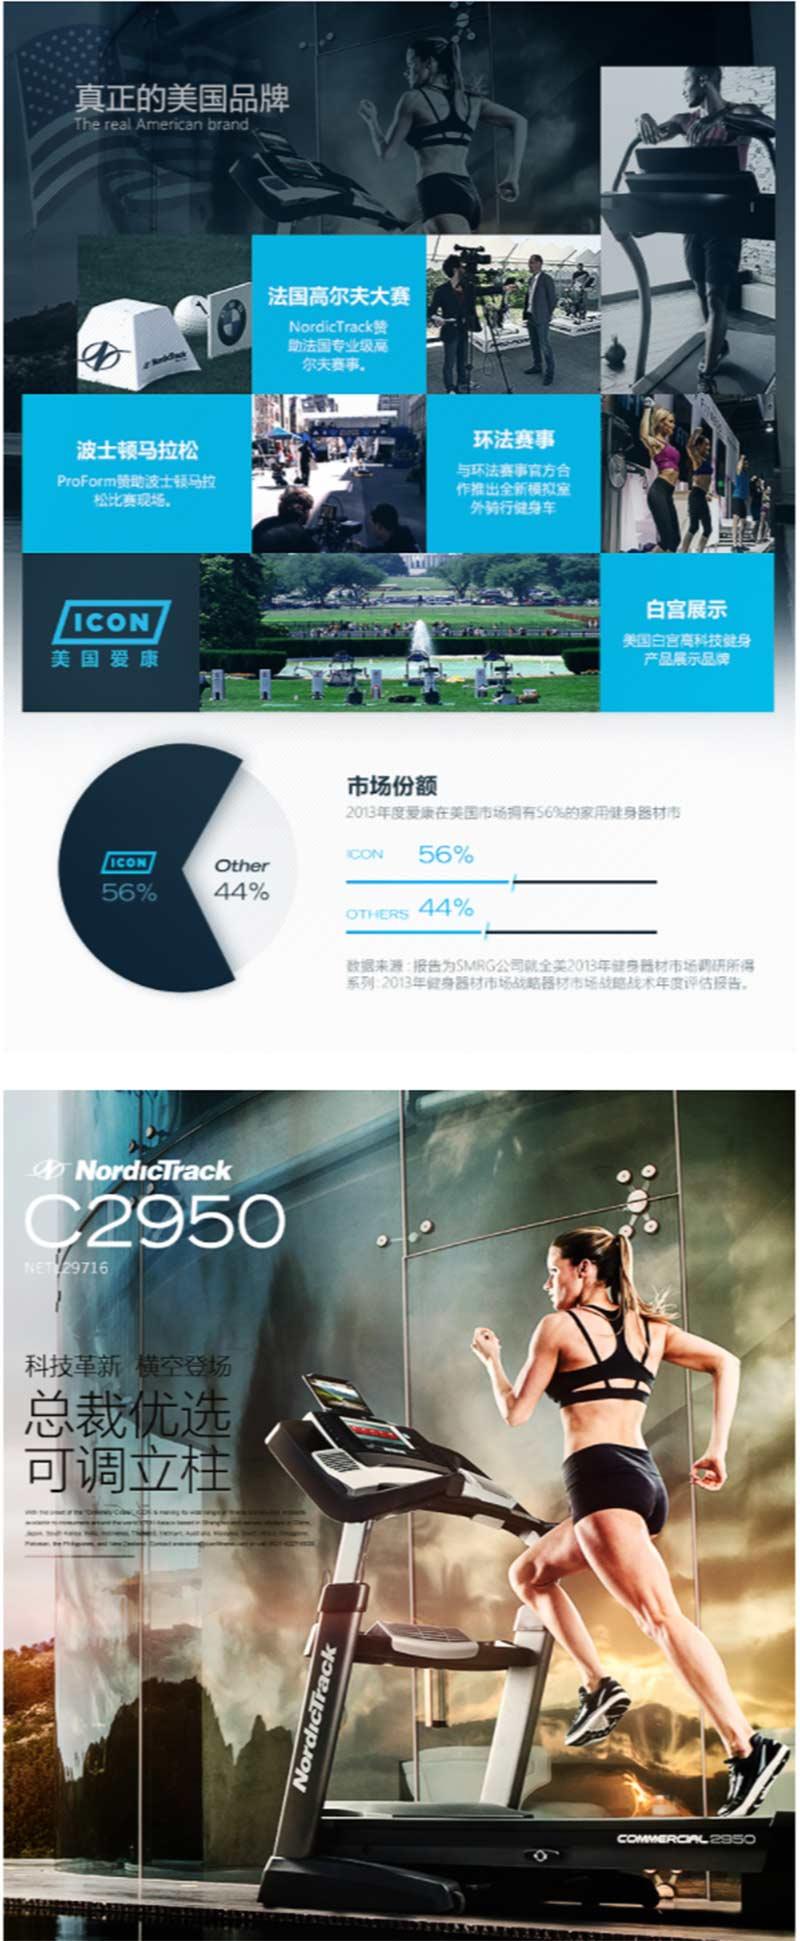 2013年爱康跑步机在美国占有56%的市场份额